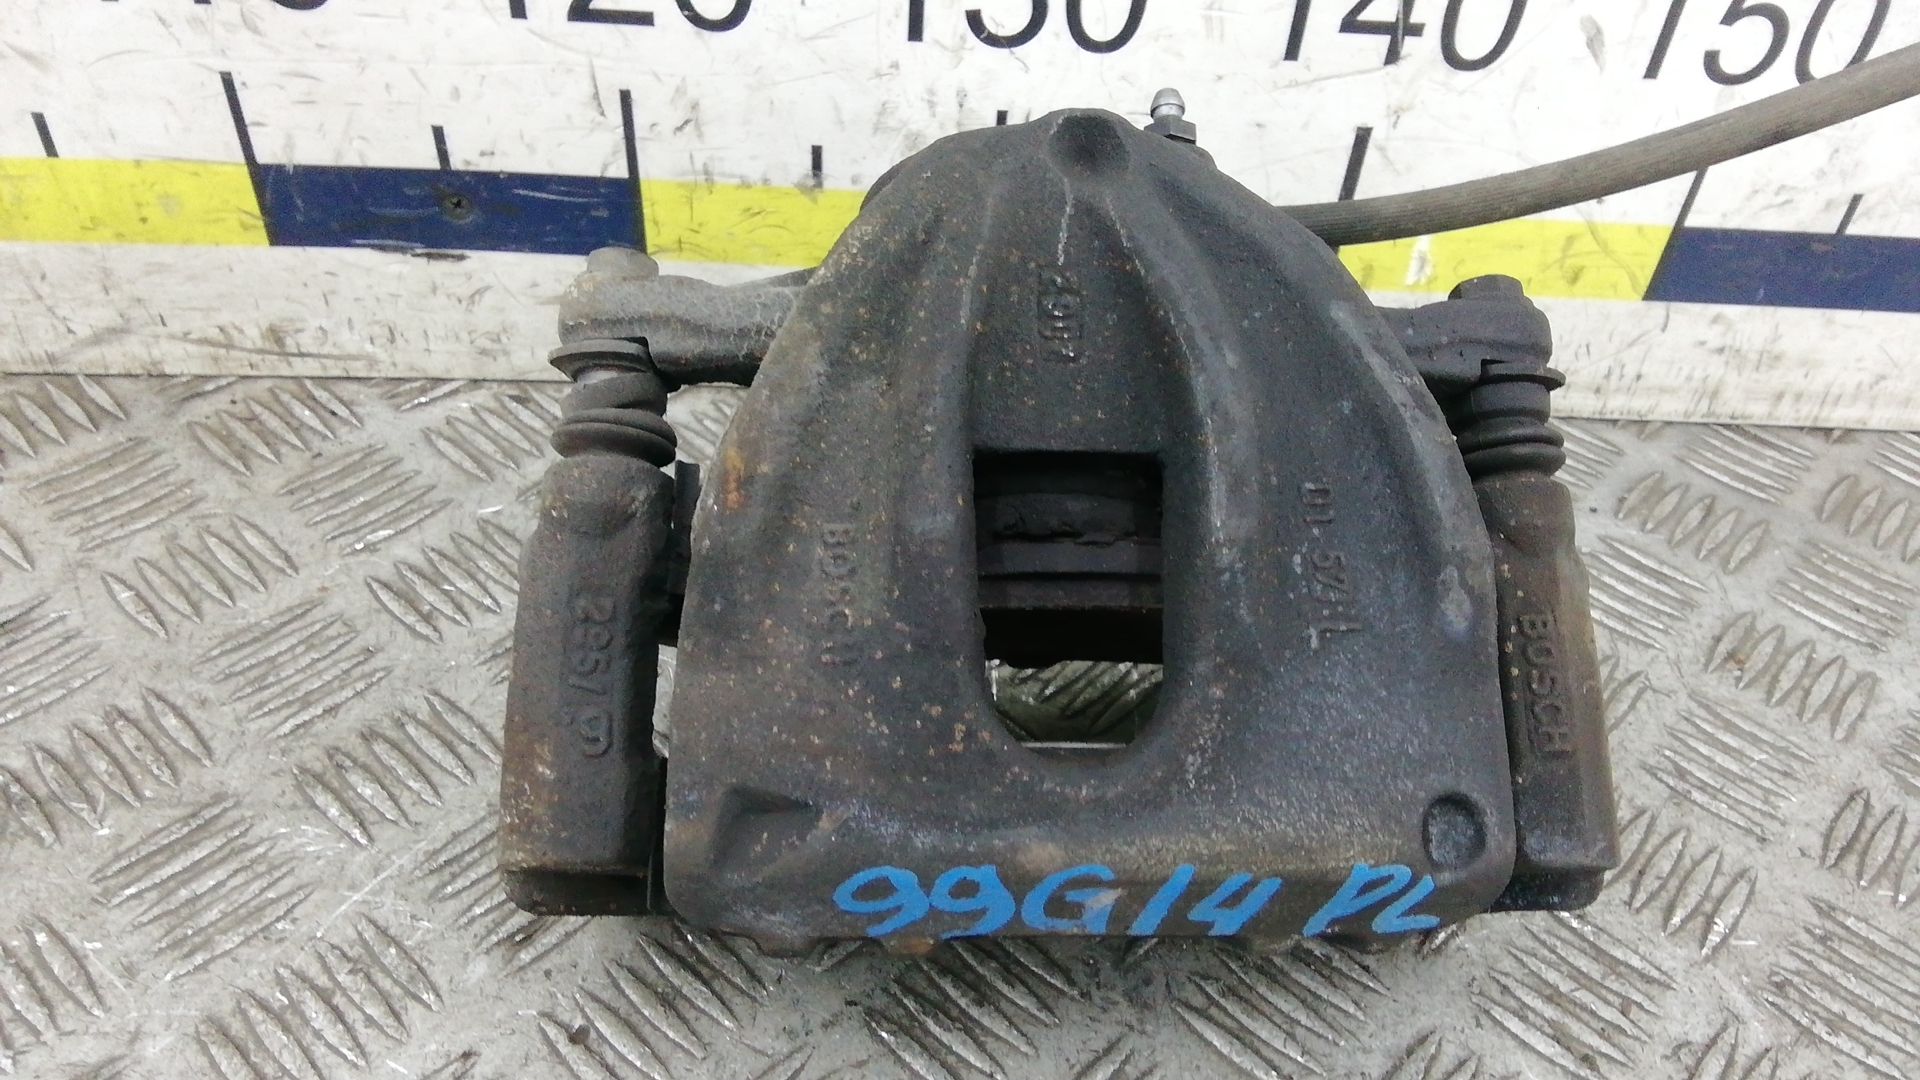 Суппорт тормозной передний левый, TOYOTA, COROLLA VERSO 2, 2008